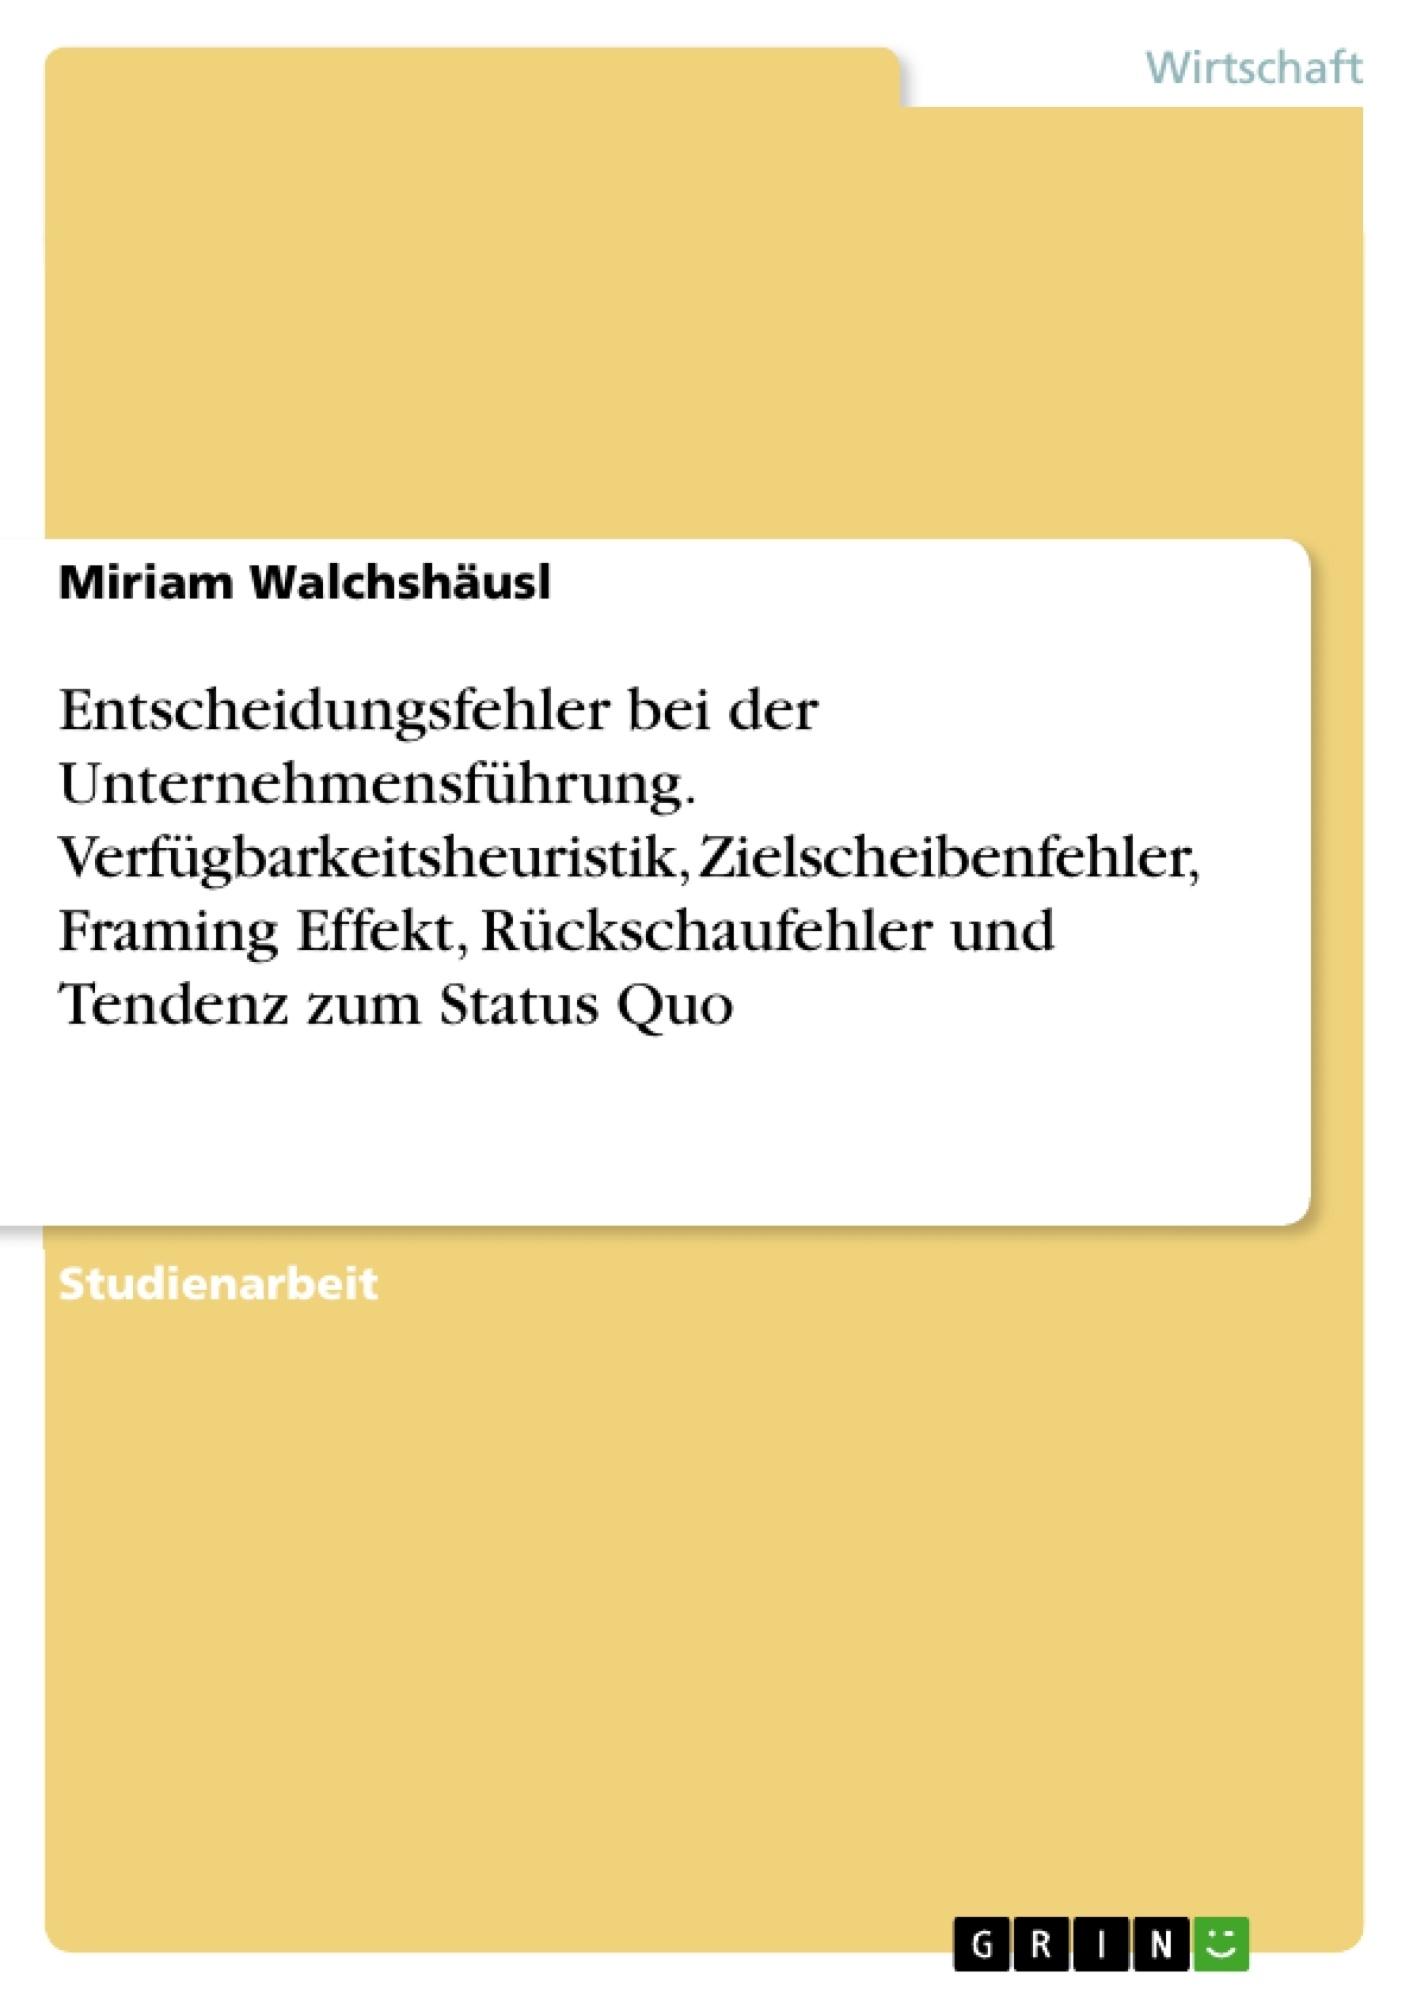 Titel: Entscheidungsfehler bei der Unternehmensführung. Verfügbarkeitsheuristik, Zielscheibenfehler, Framing Effekt, Rückschaufehler und Tendenz zum Status Quo